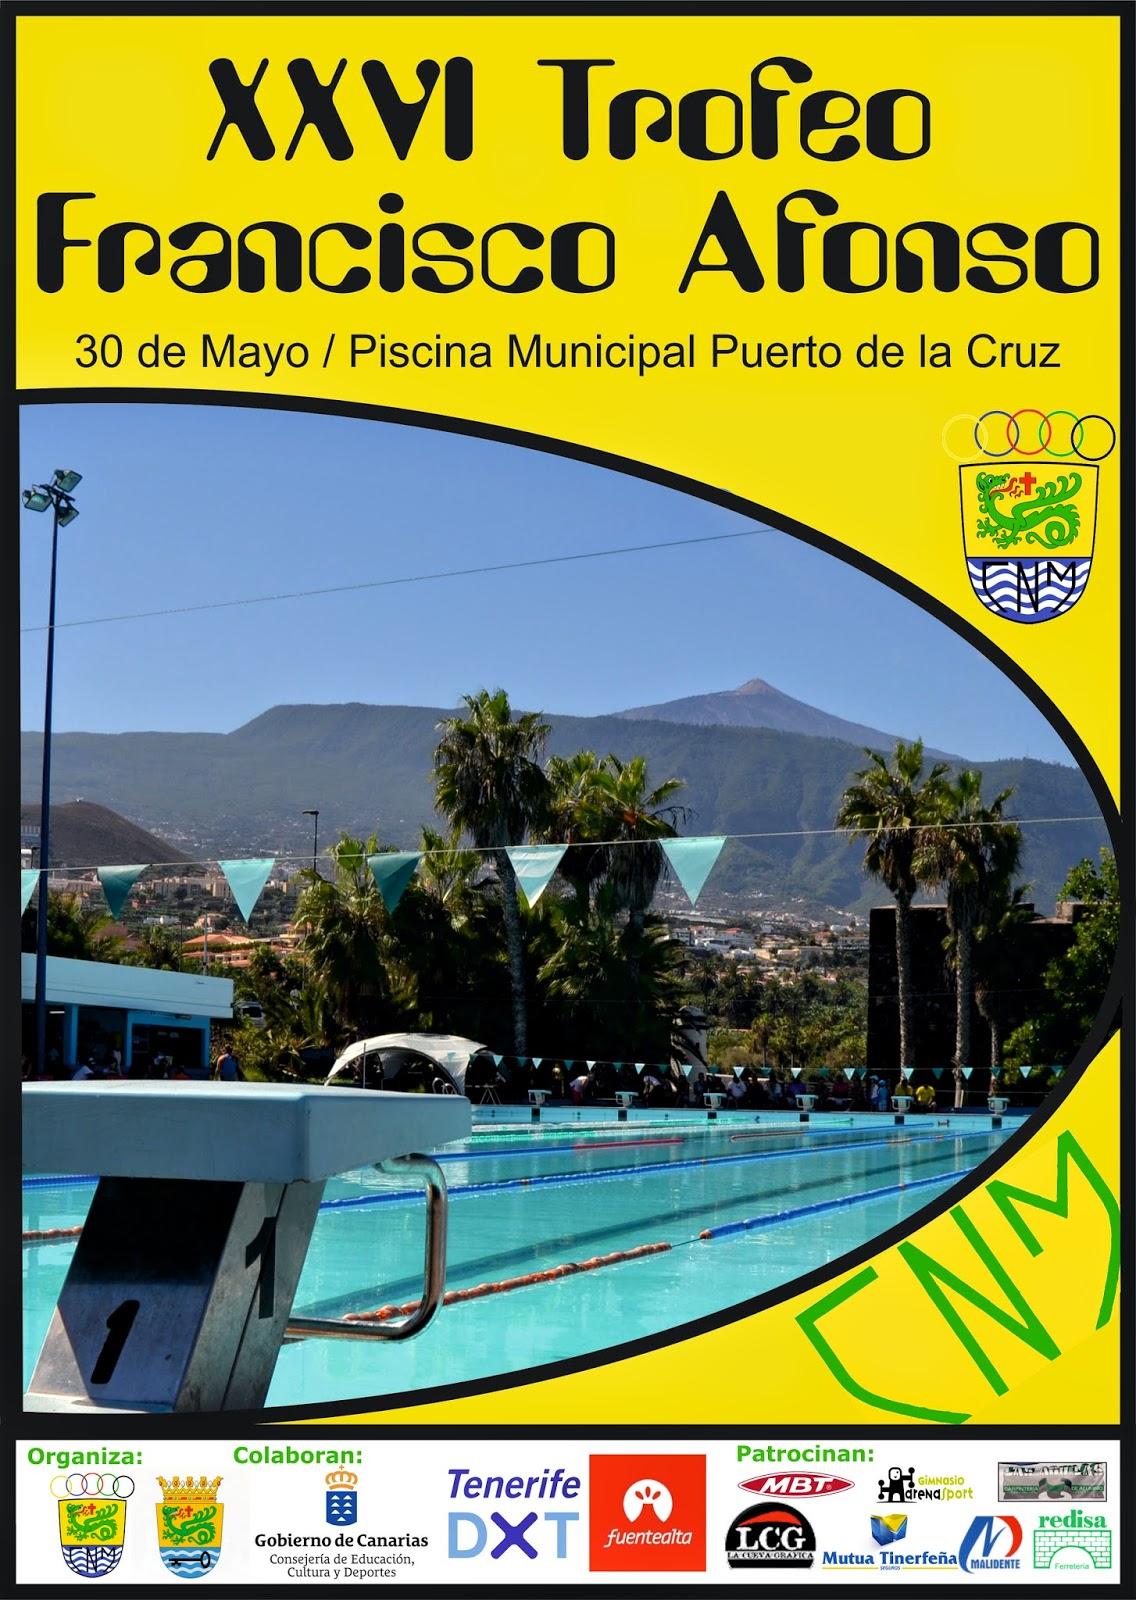 Ntc natacion canaria xxvi trofeo francisco afonso for Piscina municipal puerto de la cruz